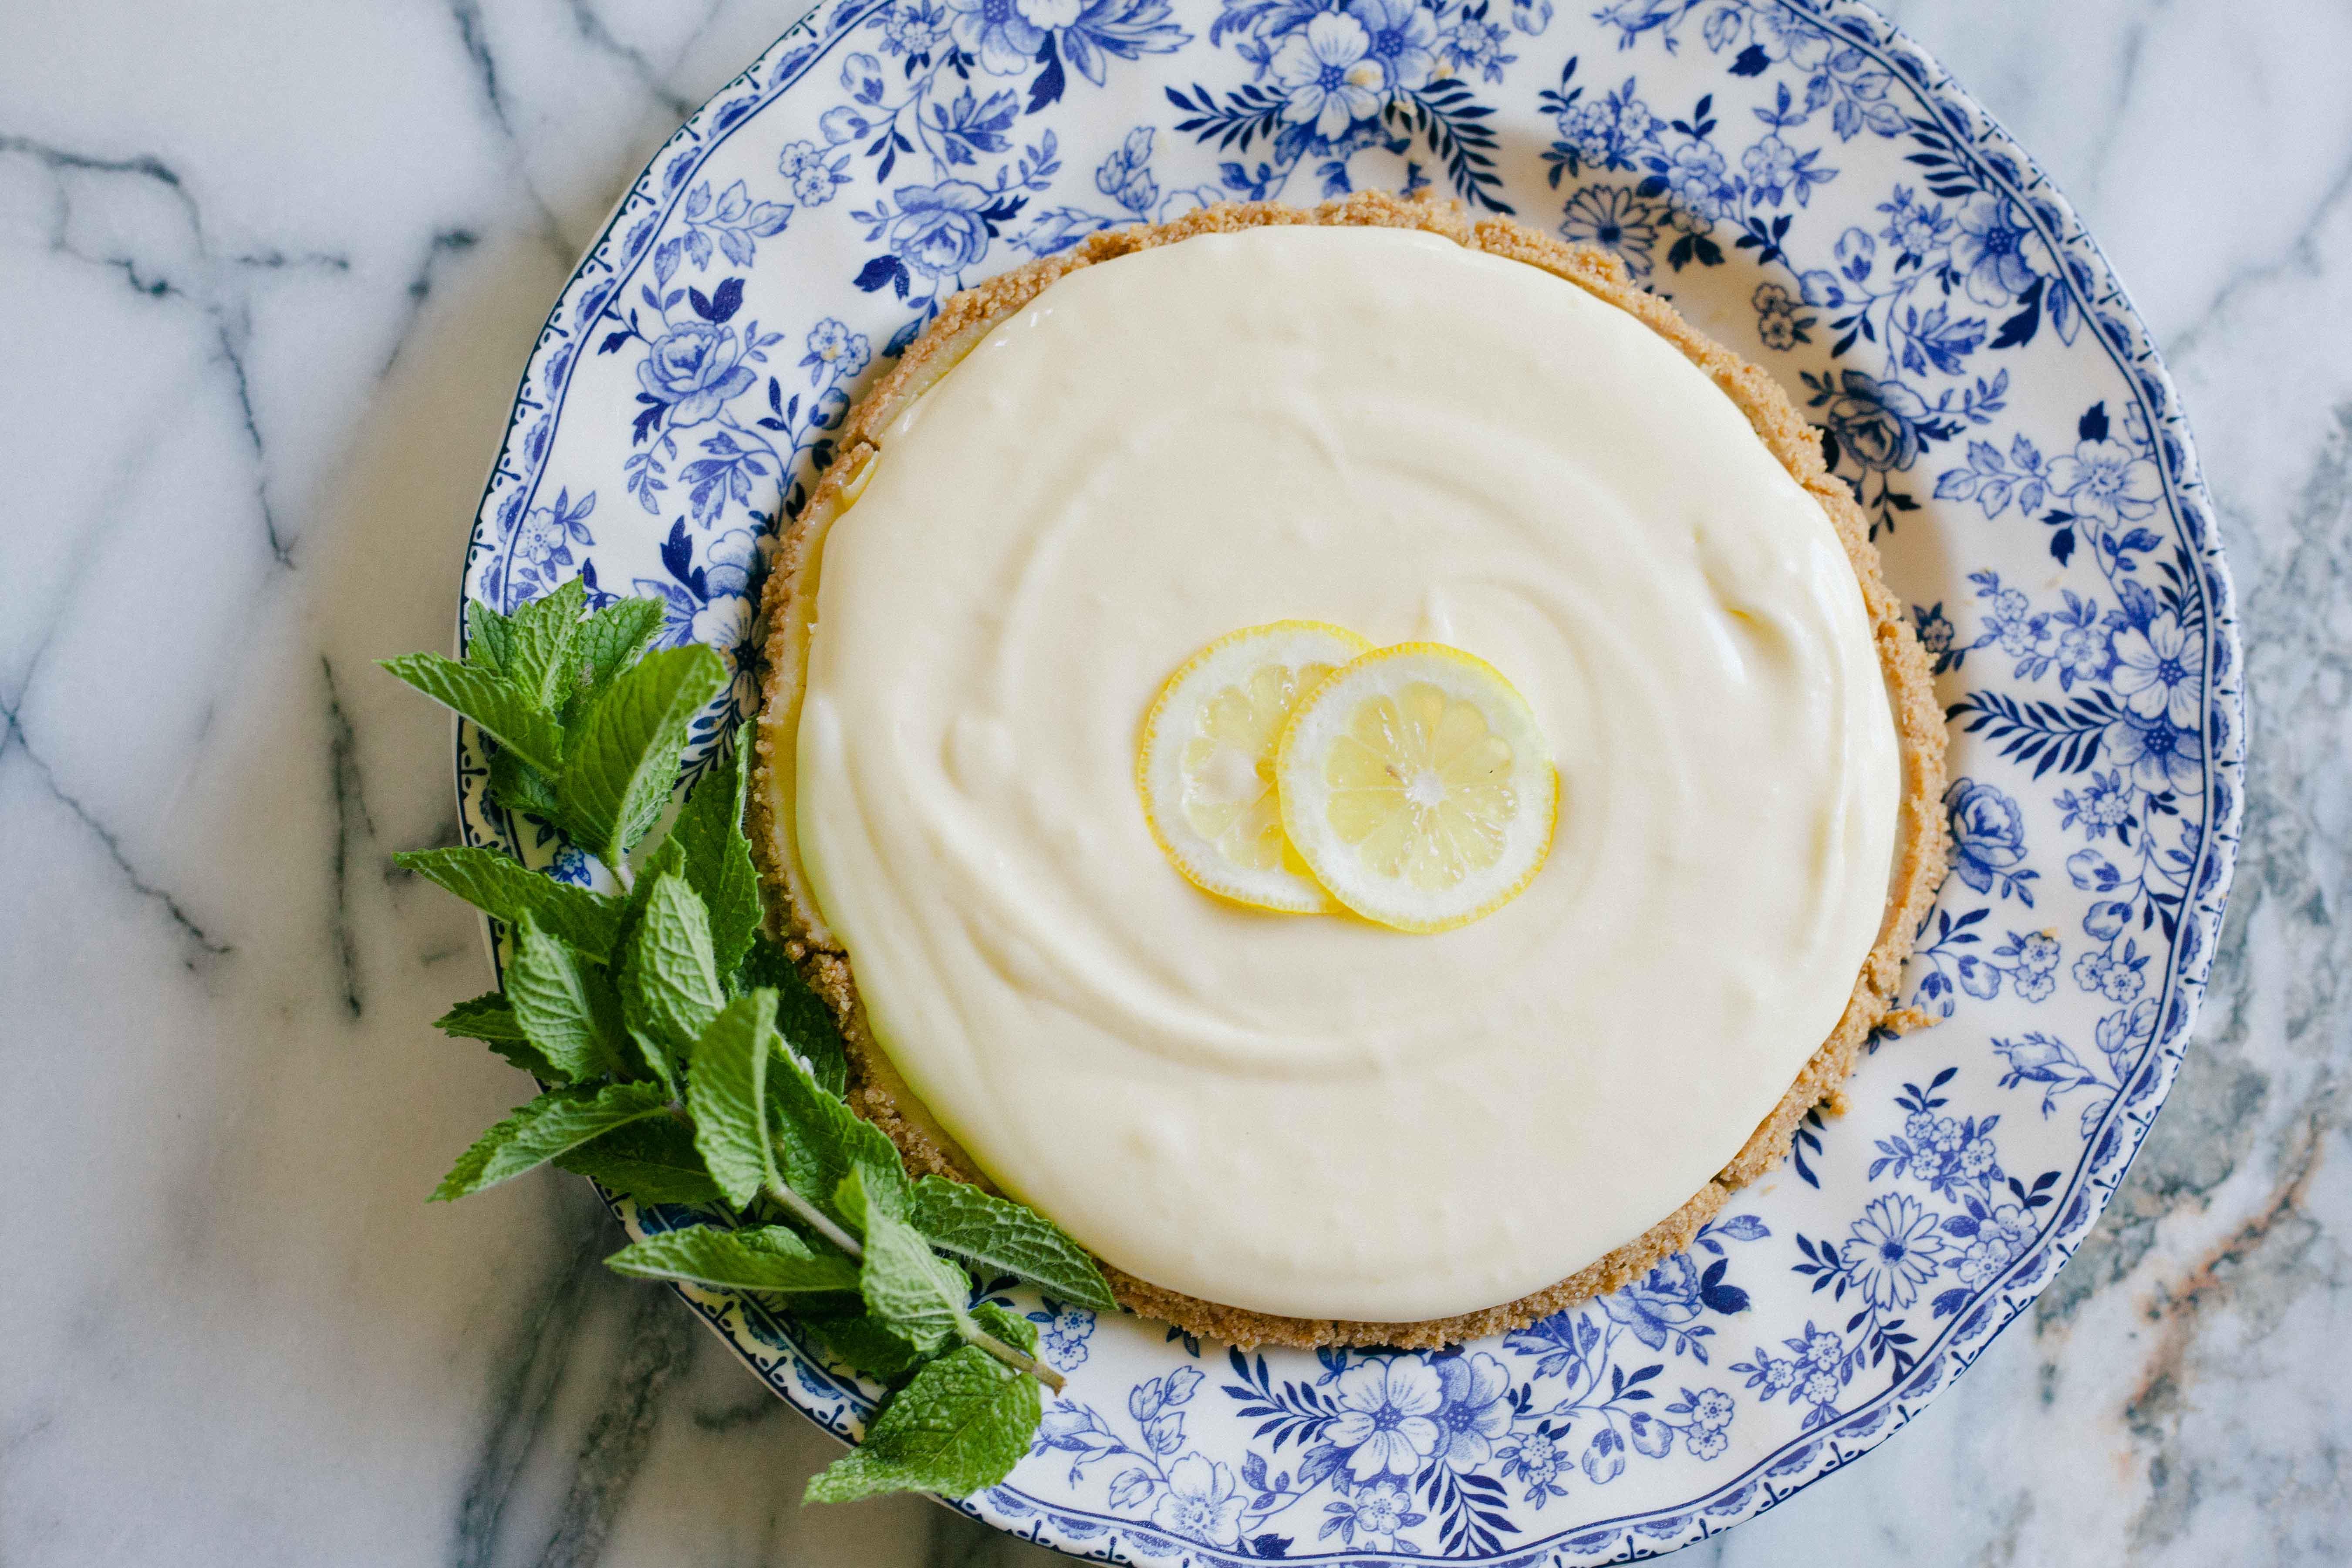 Grandma's Luscious Lemon Cream Pie